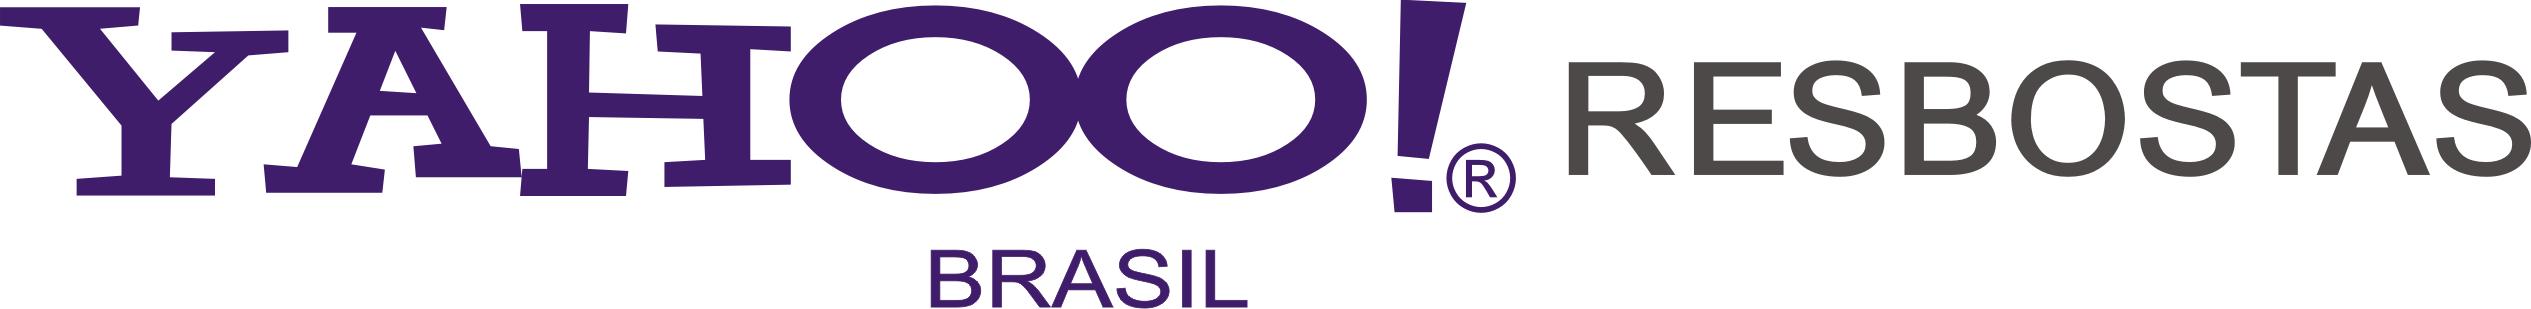 Yahoo Resbostas